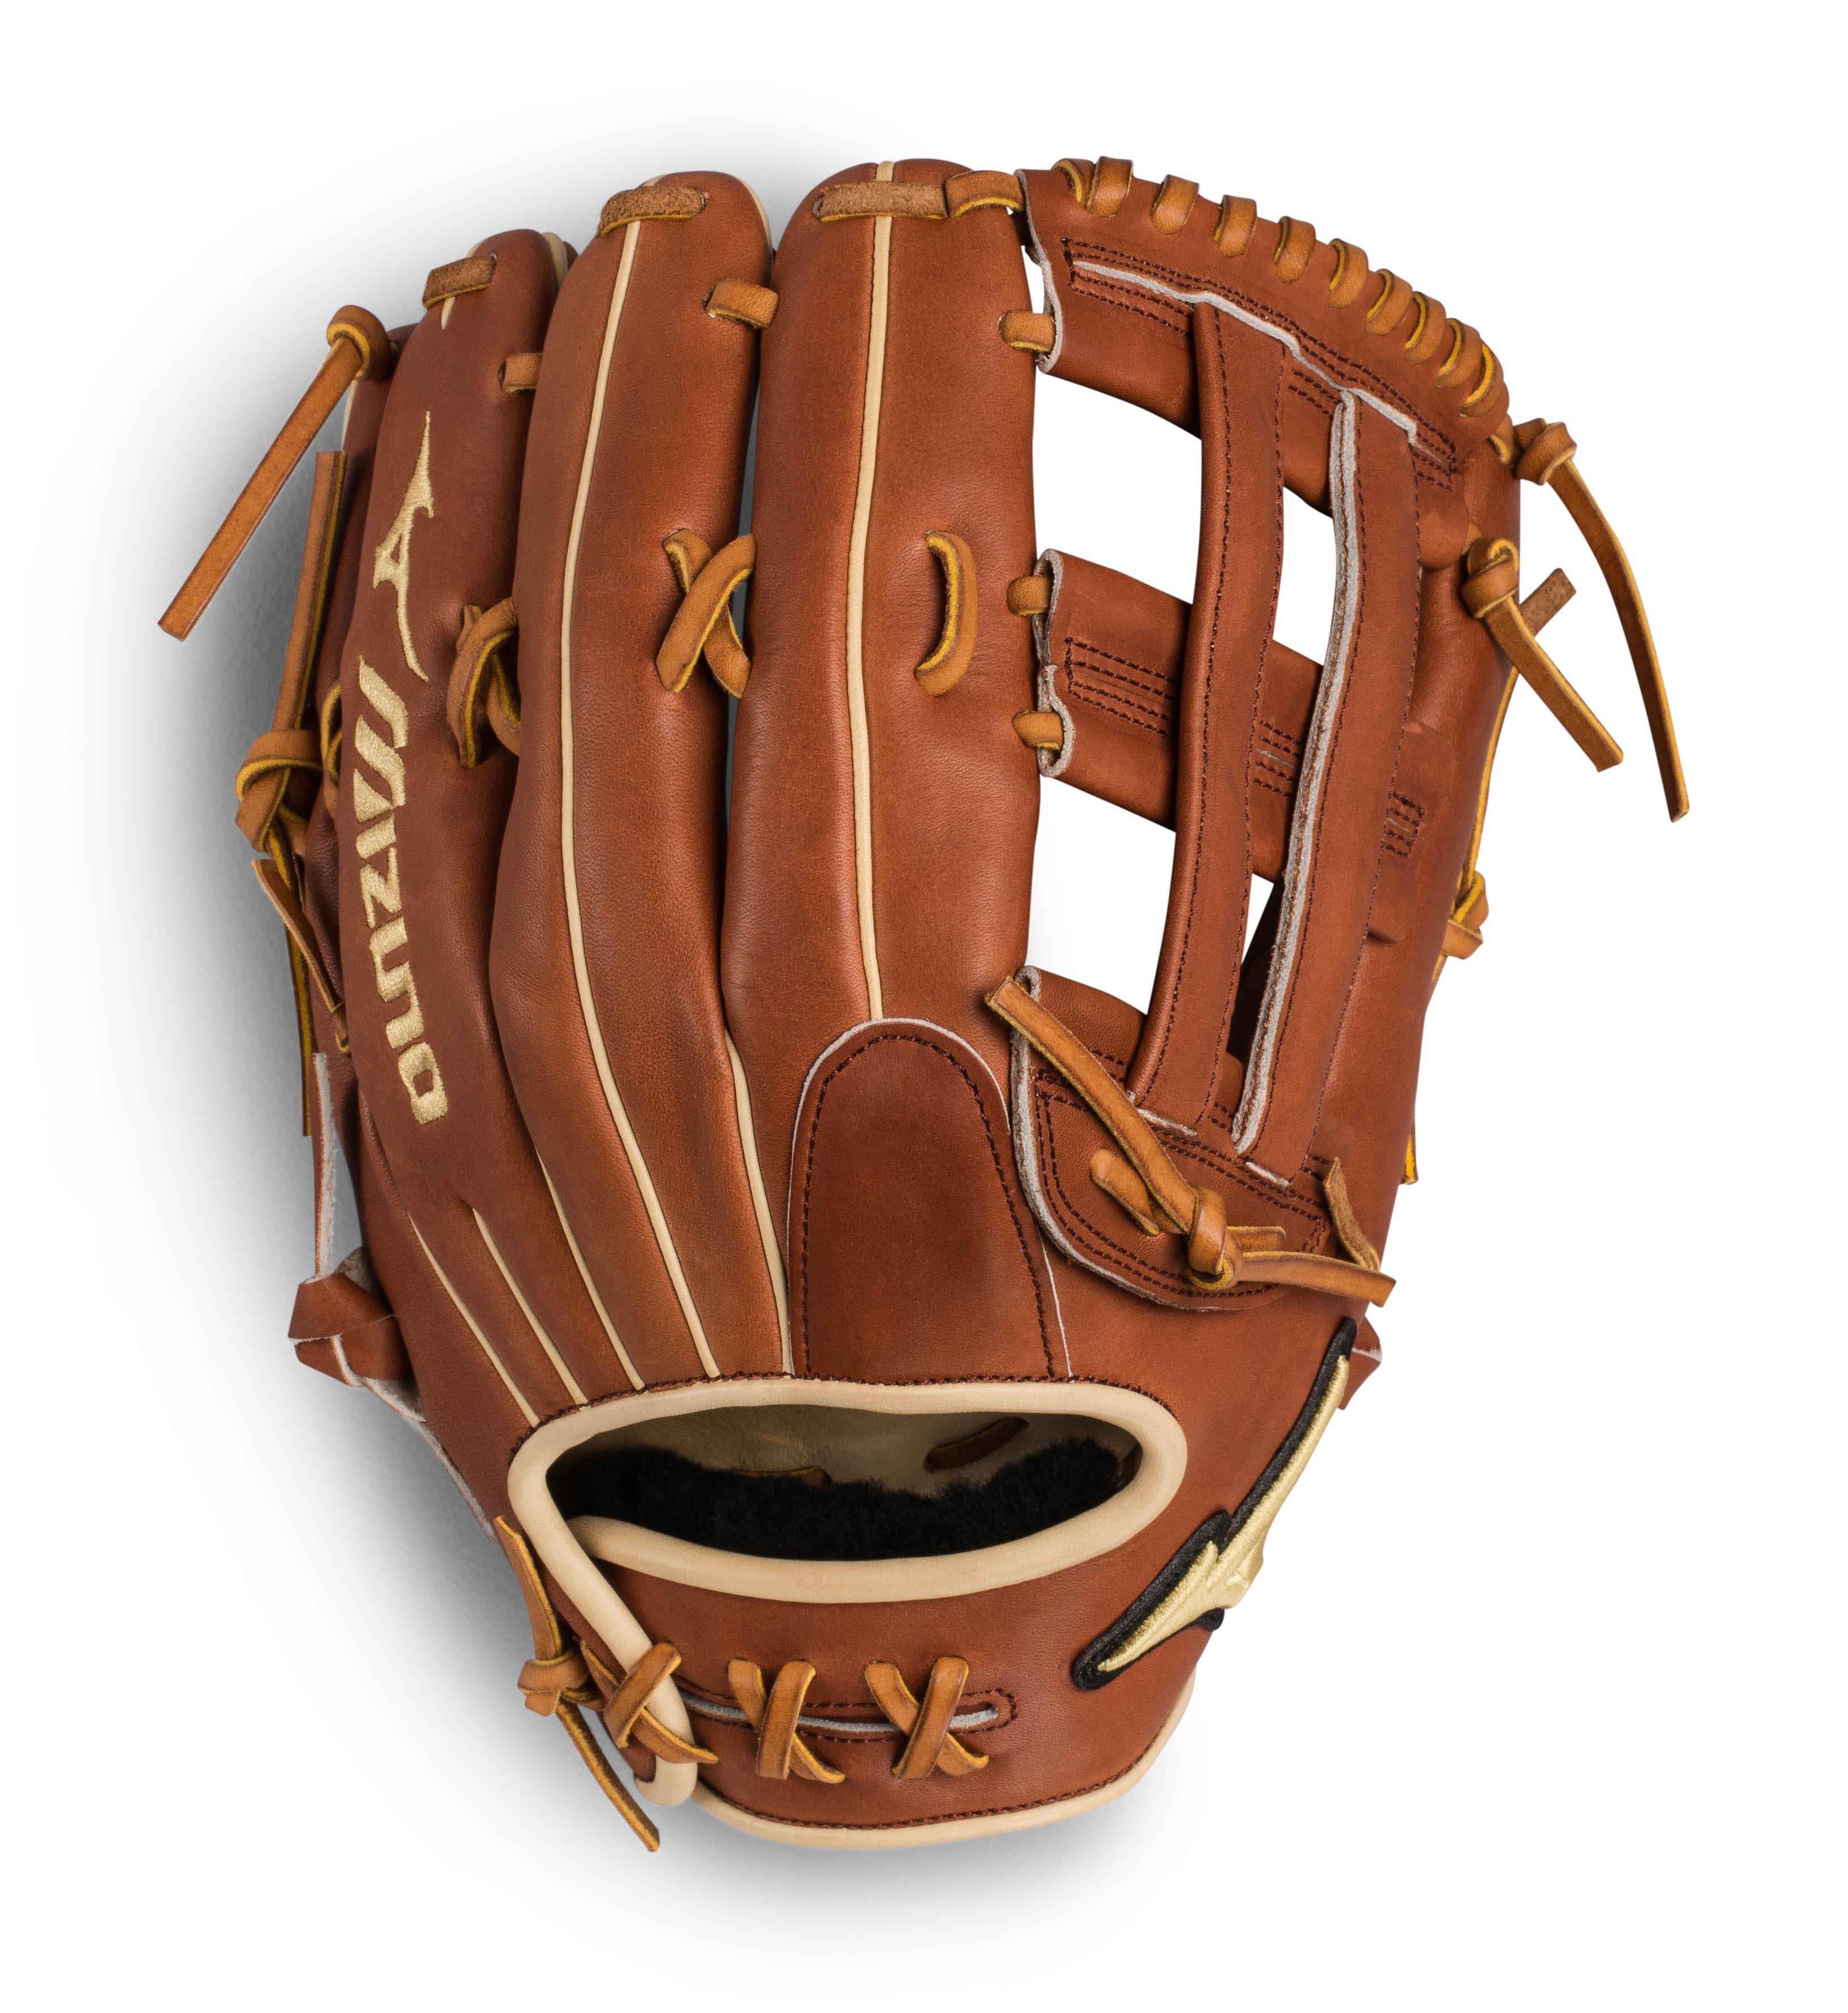 654eb70bdb60 Mizuno: Mizuno Pro Select Outfield Baseball Glove 12.75